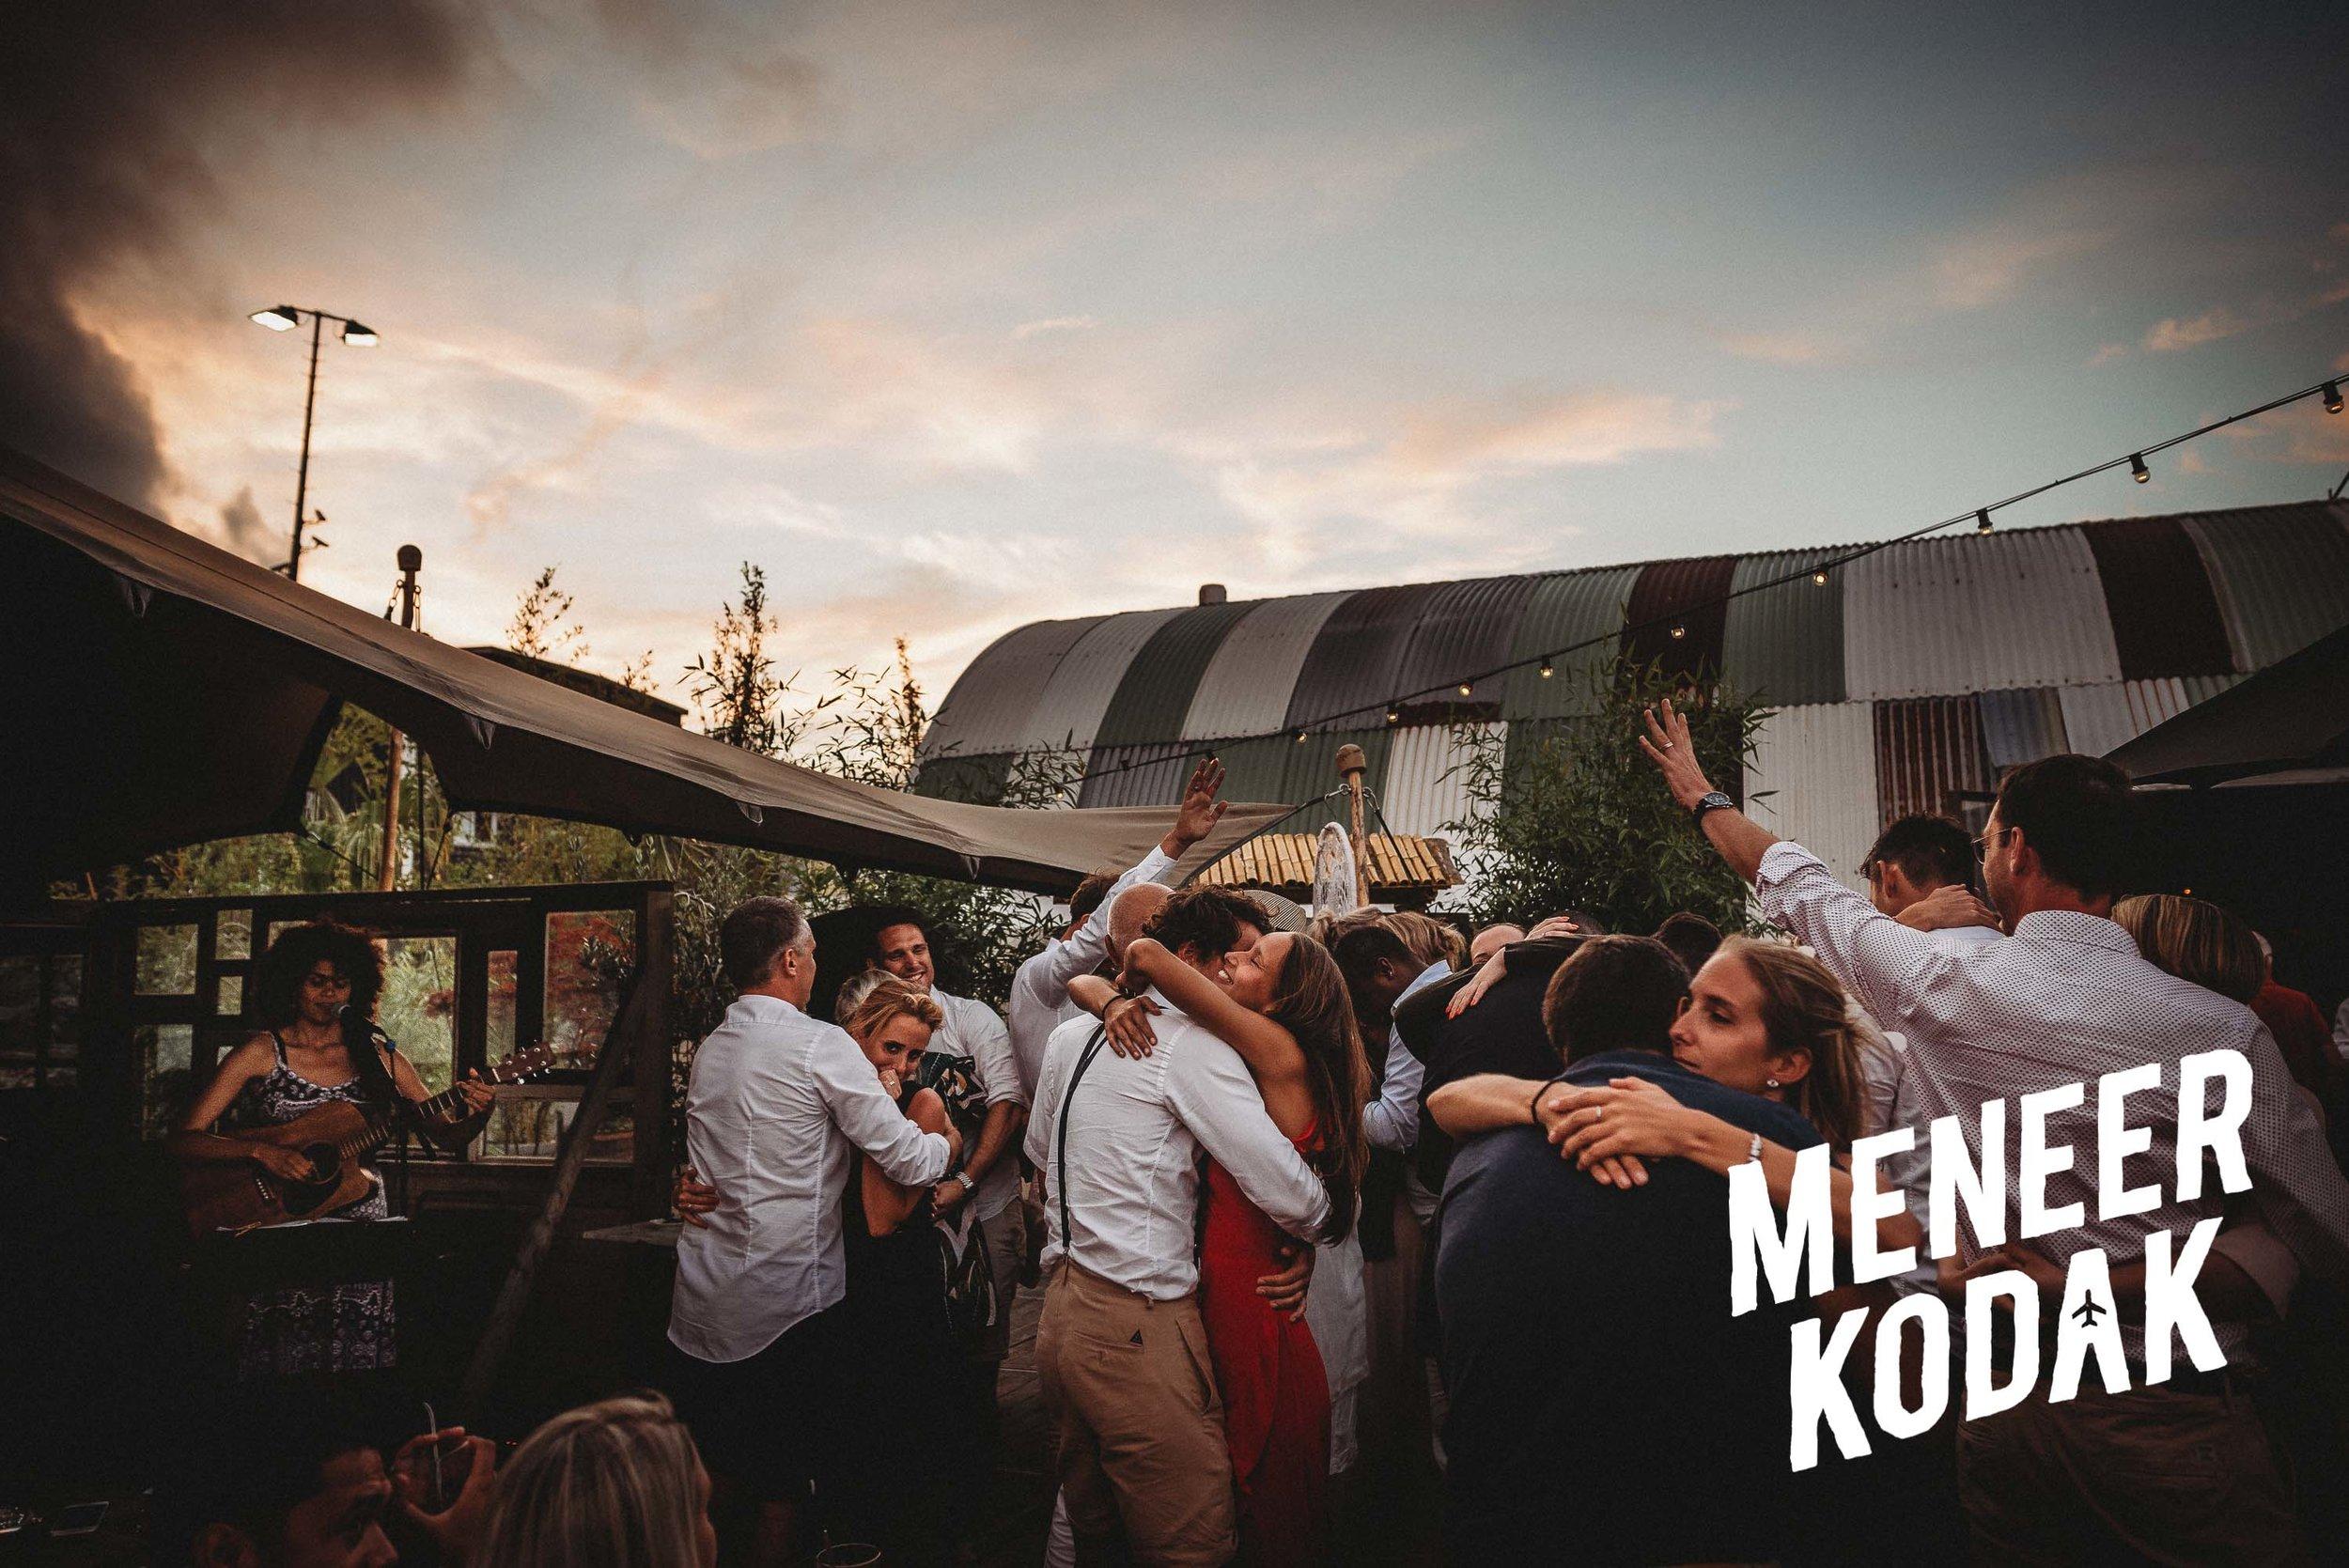 Meneer Kodak - Trouwfotograaf - Amsterdam - H&T-124.jpg